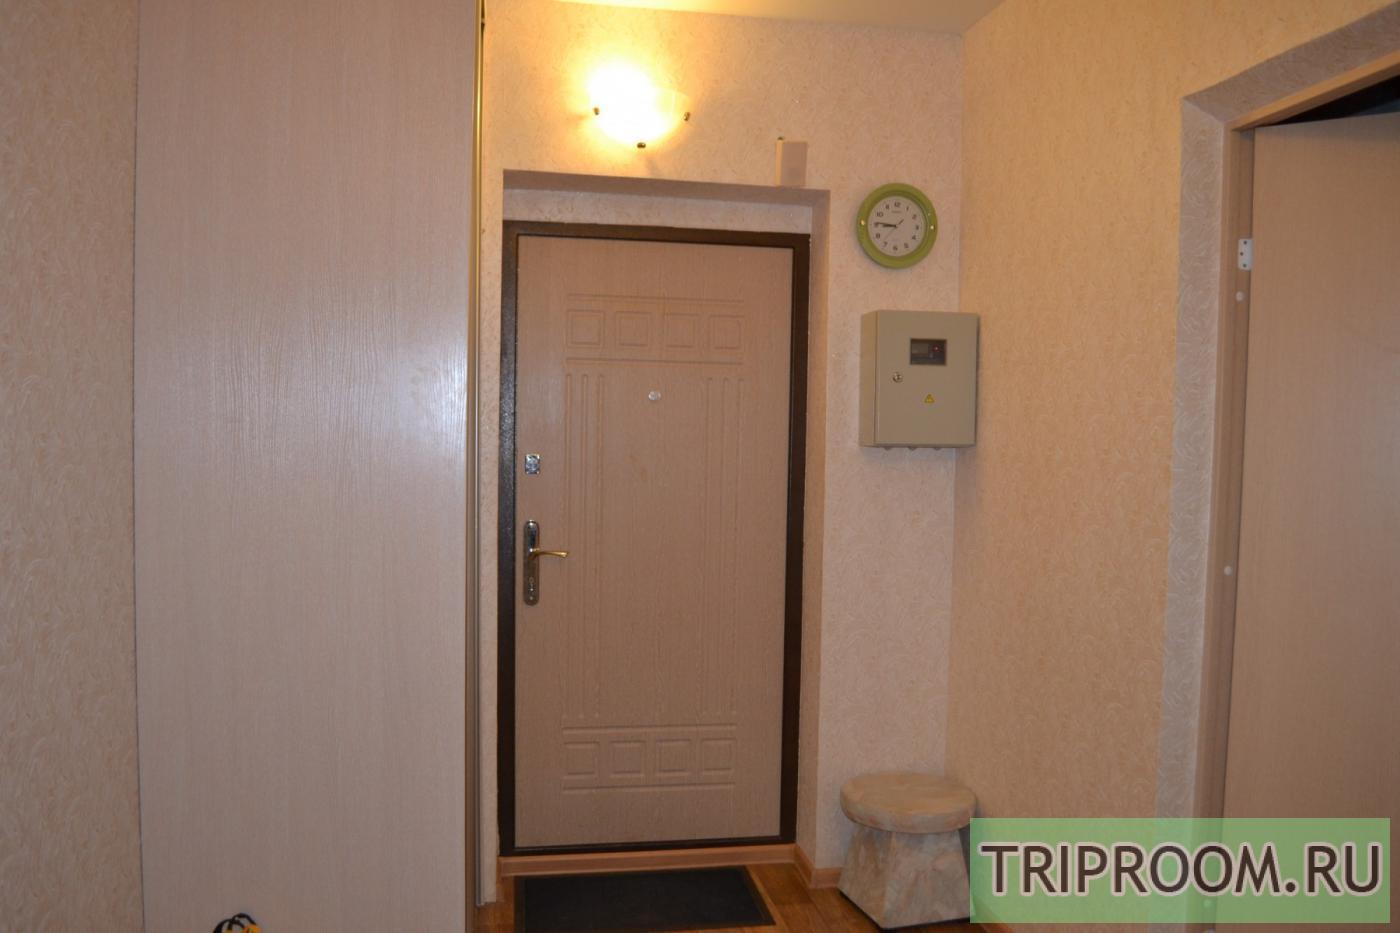 1-комнатная квартира посуточно (вариант № 23176), ул. улиуа Беляева, фото № 10